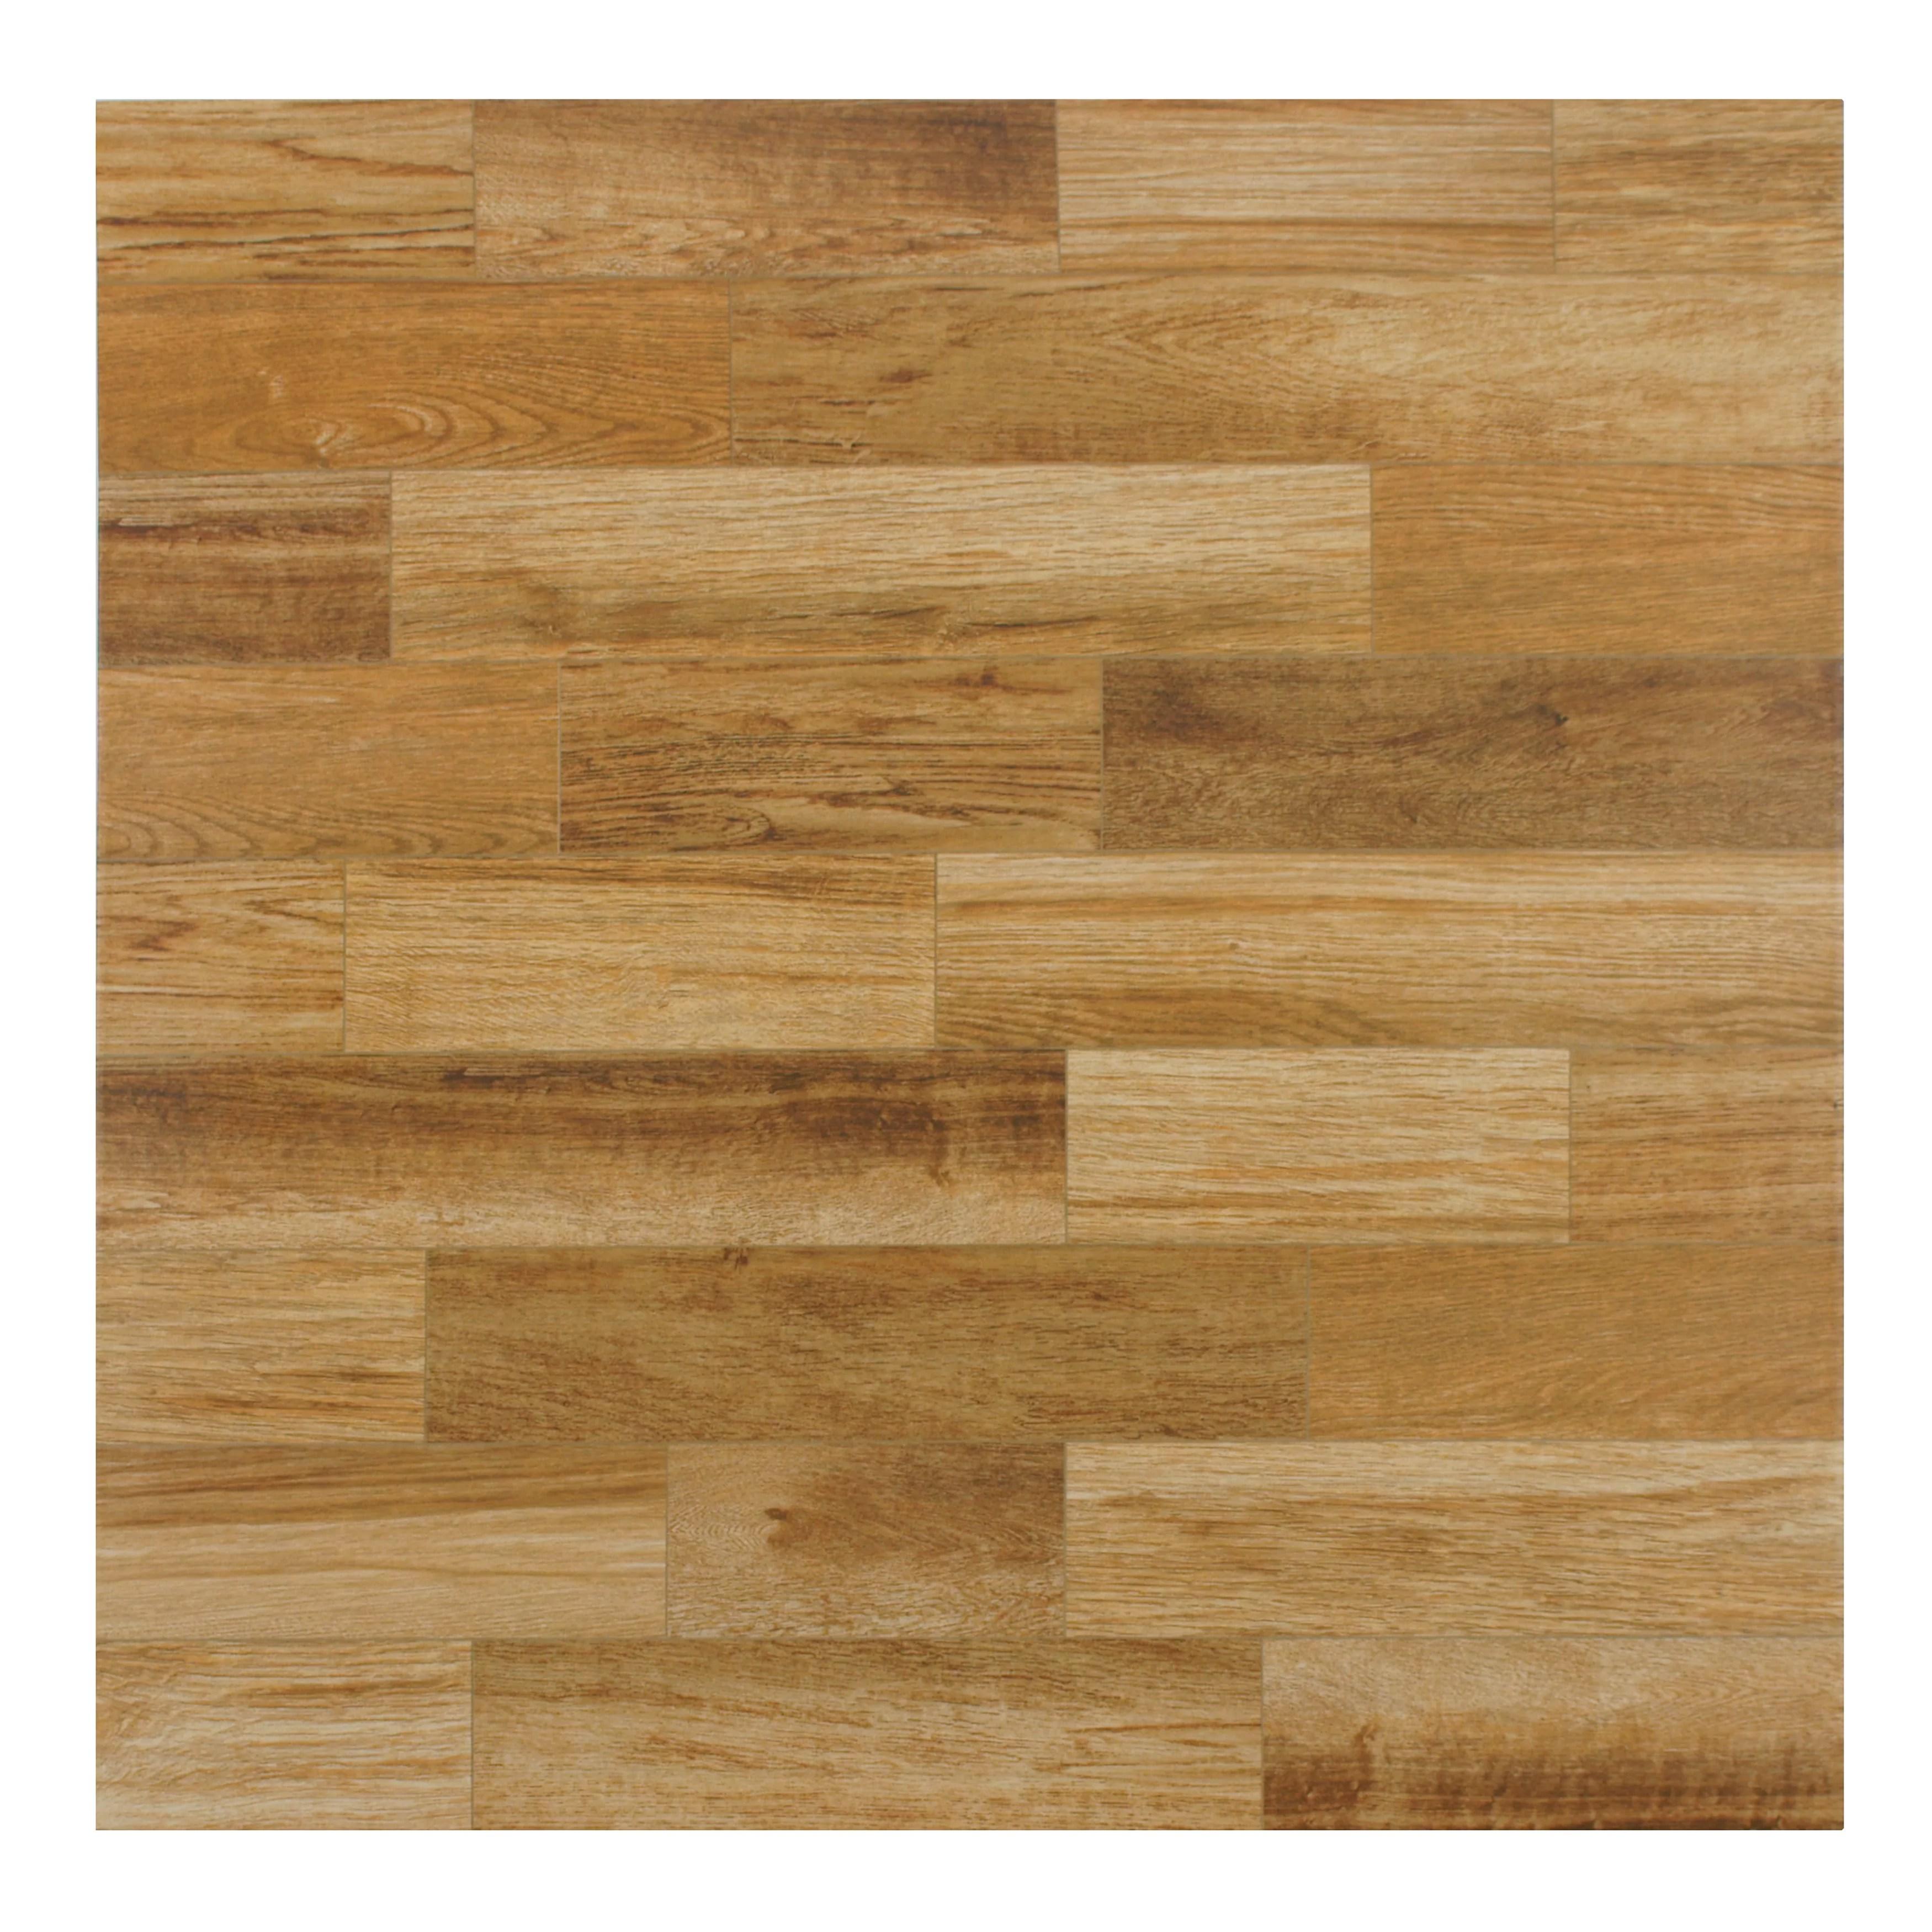 alpino 18 x 18 ceramic wood look wall floor tile